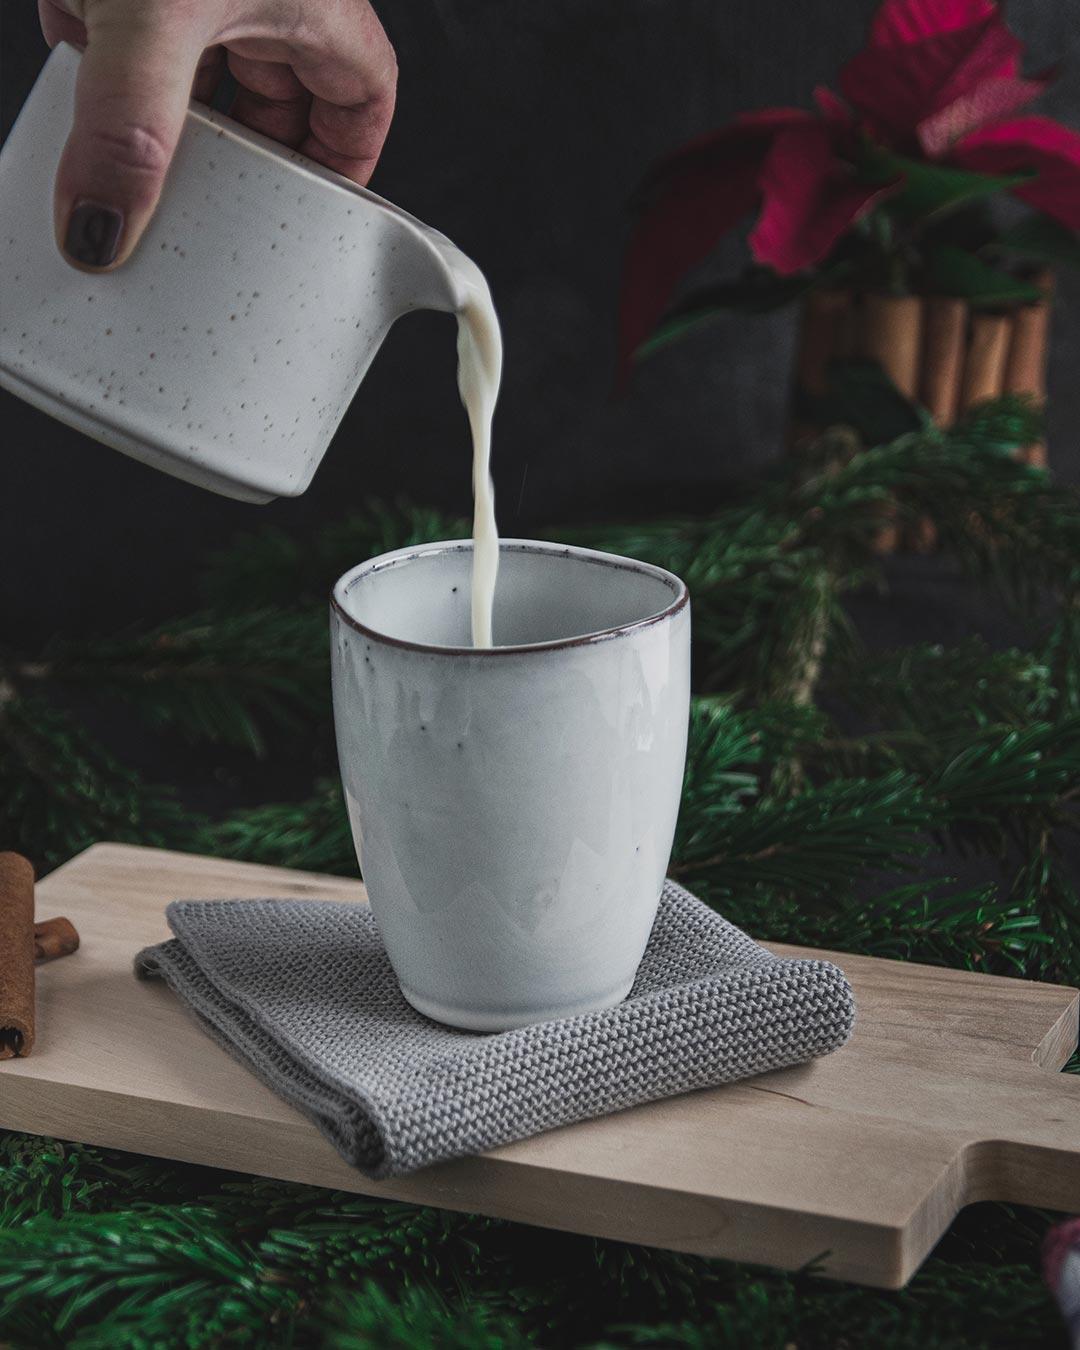 Milch wird aus einem Kännchen in einen Keramikbecher gegossen